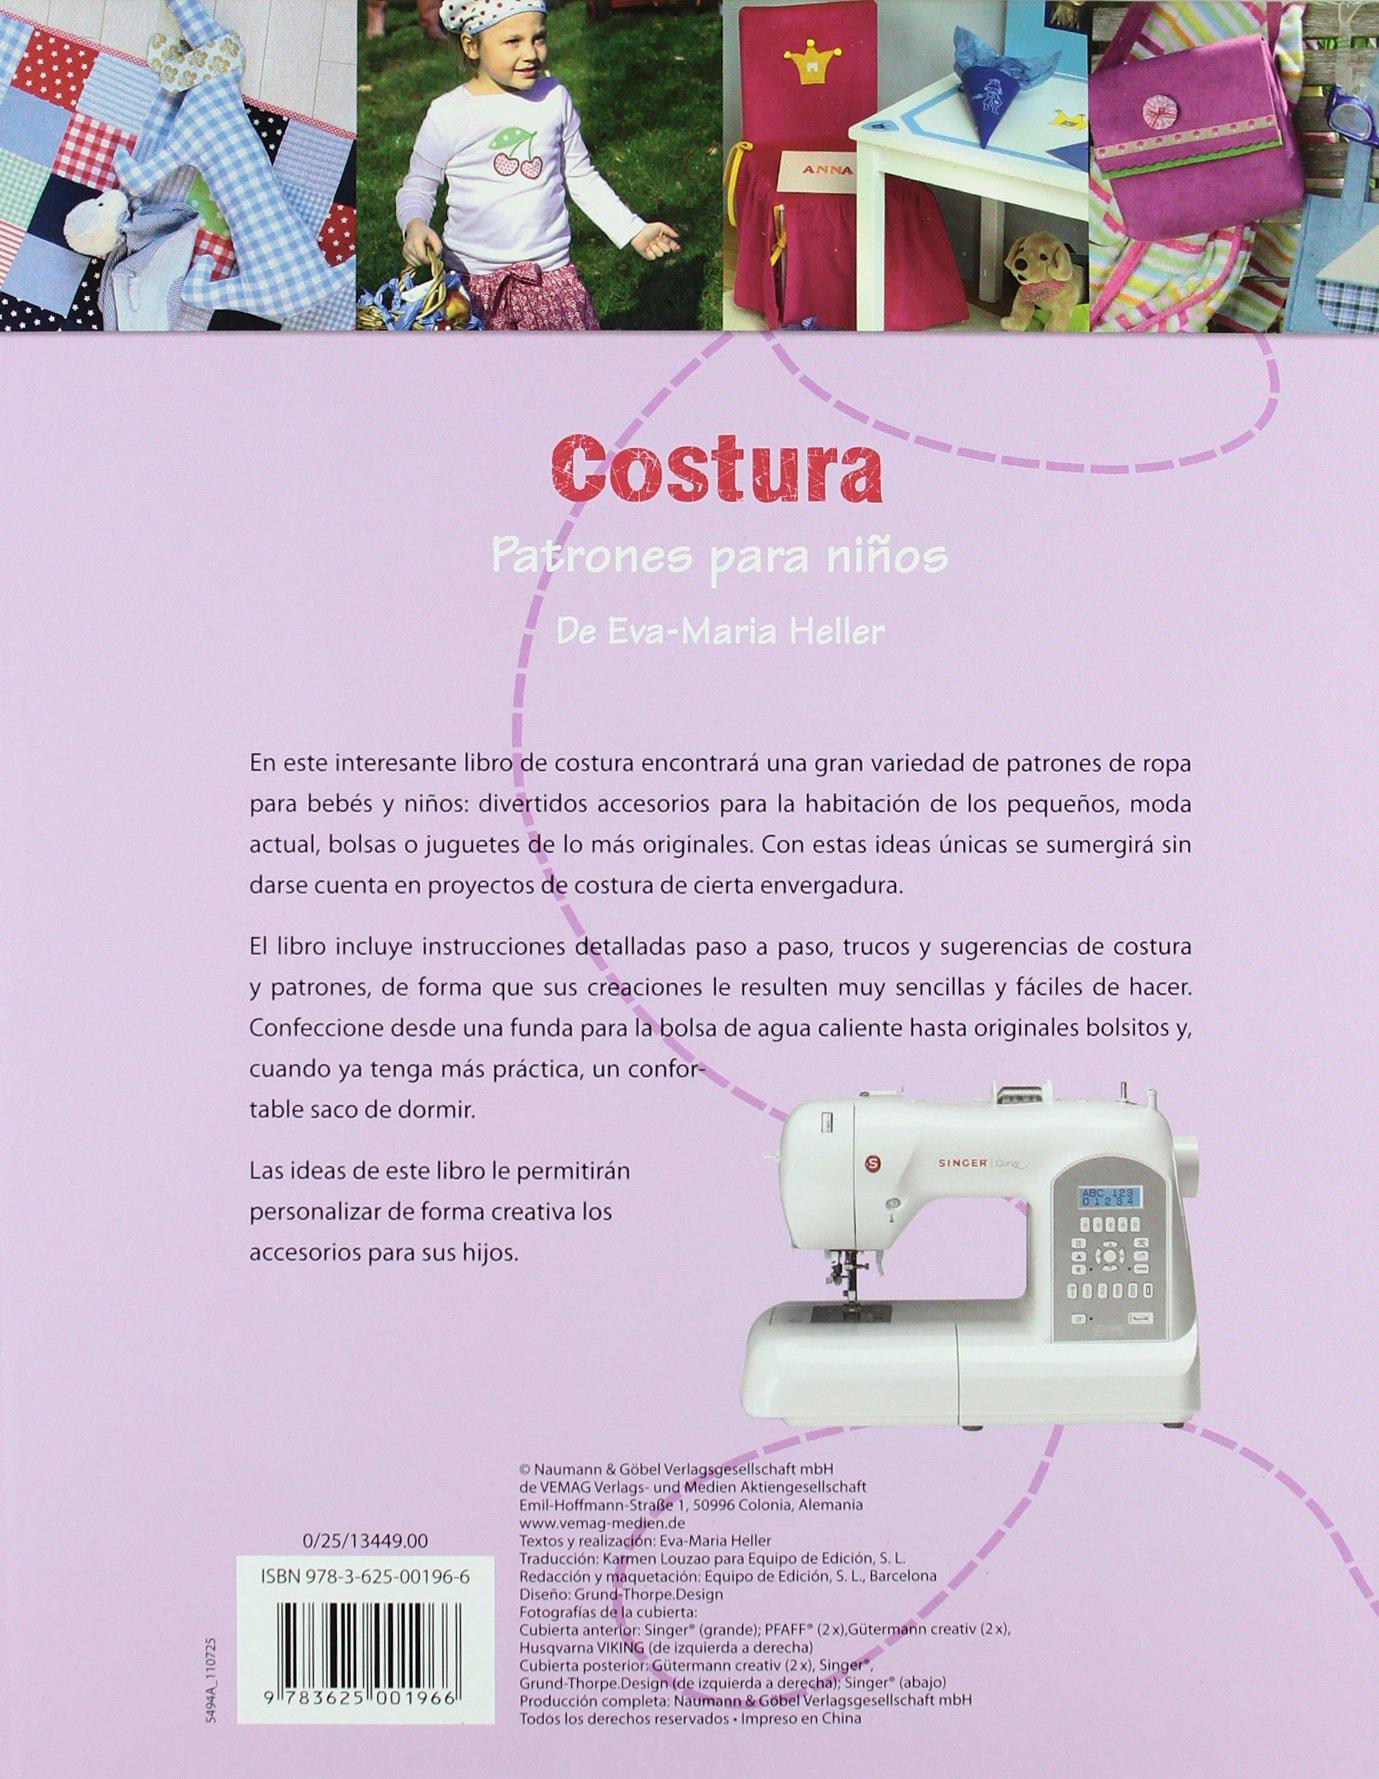 Costura - Patrones Para Niños: Amazon.es: VV.AA.: Libros